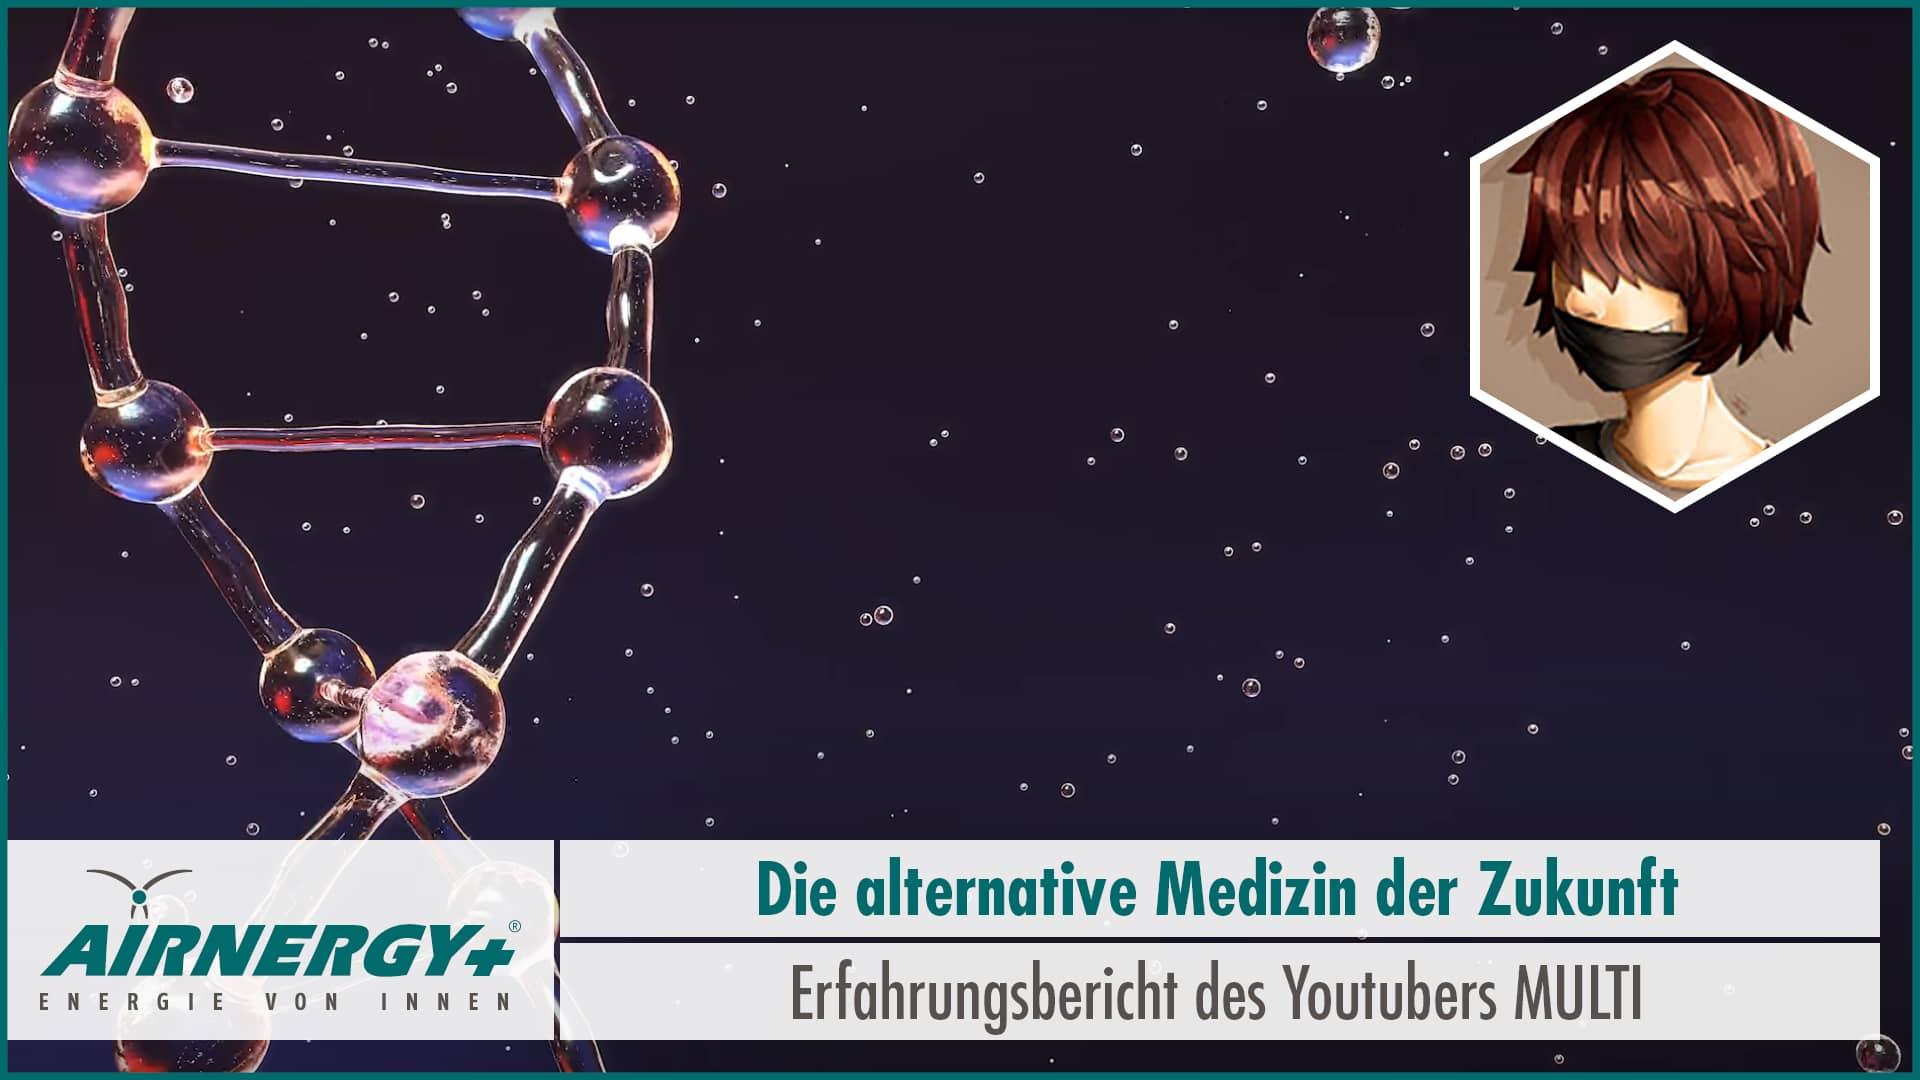 MULTI - Die alternative Medizin der Zukunft